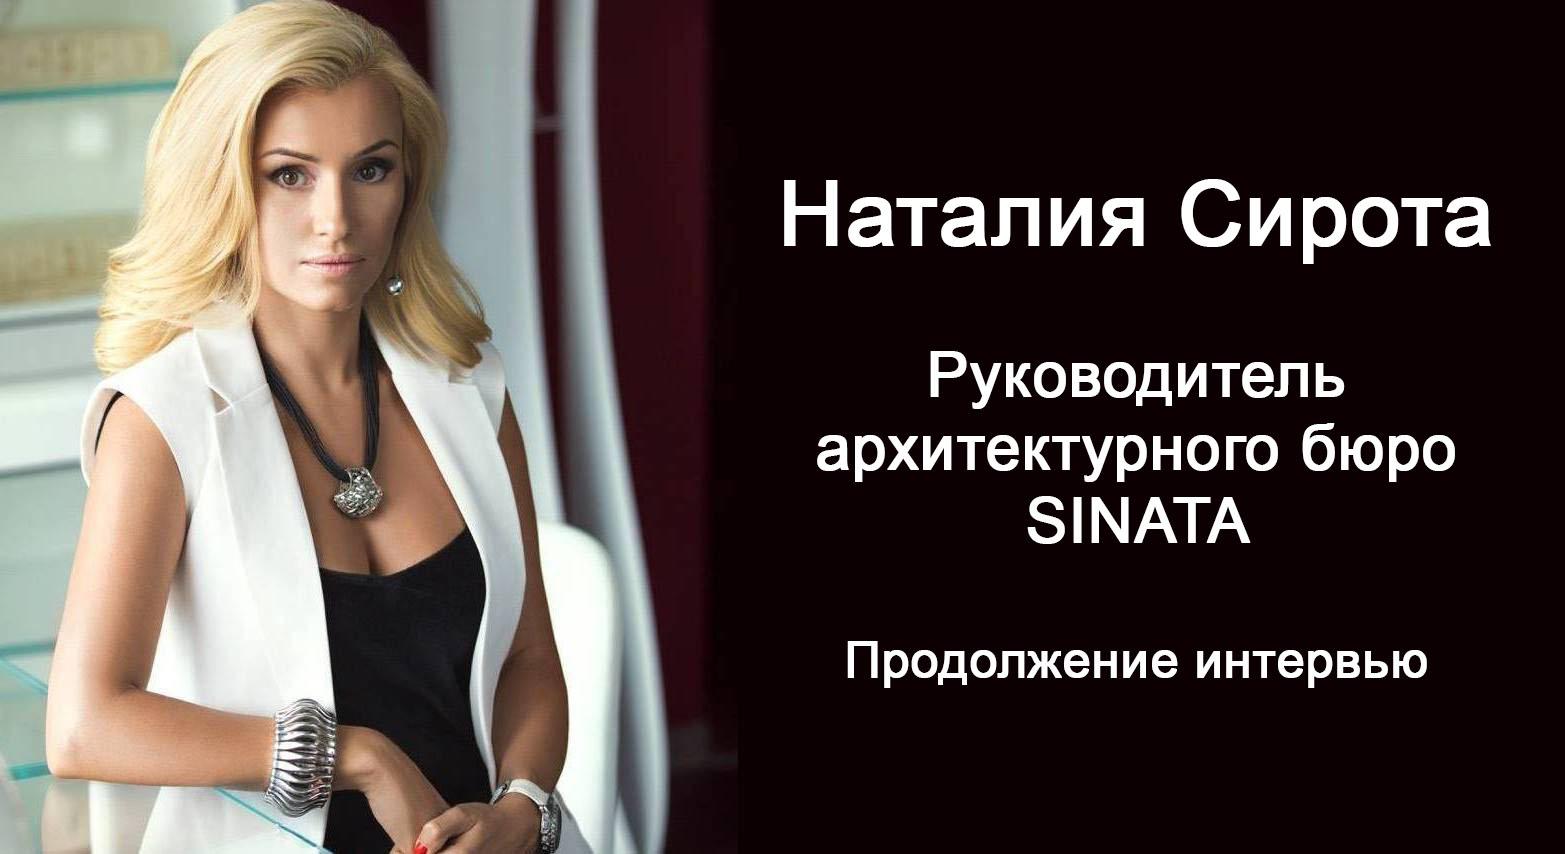 Інтерв'ю Наталії Сироти (архітектурне бюро SINATA) бренду DAVIS CASA. Частина 2